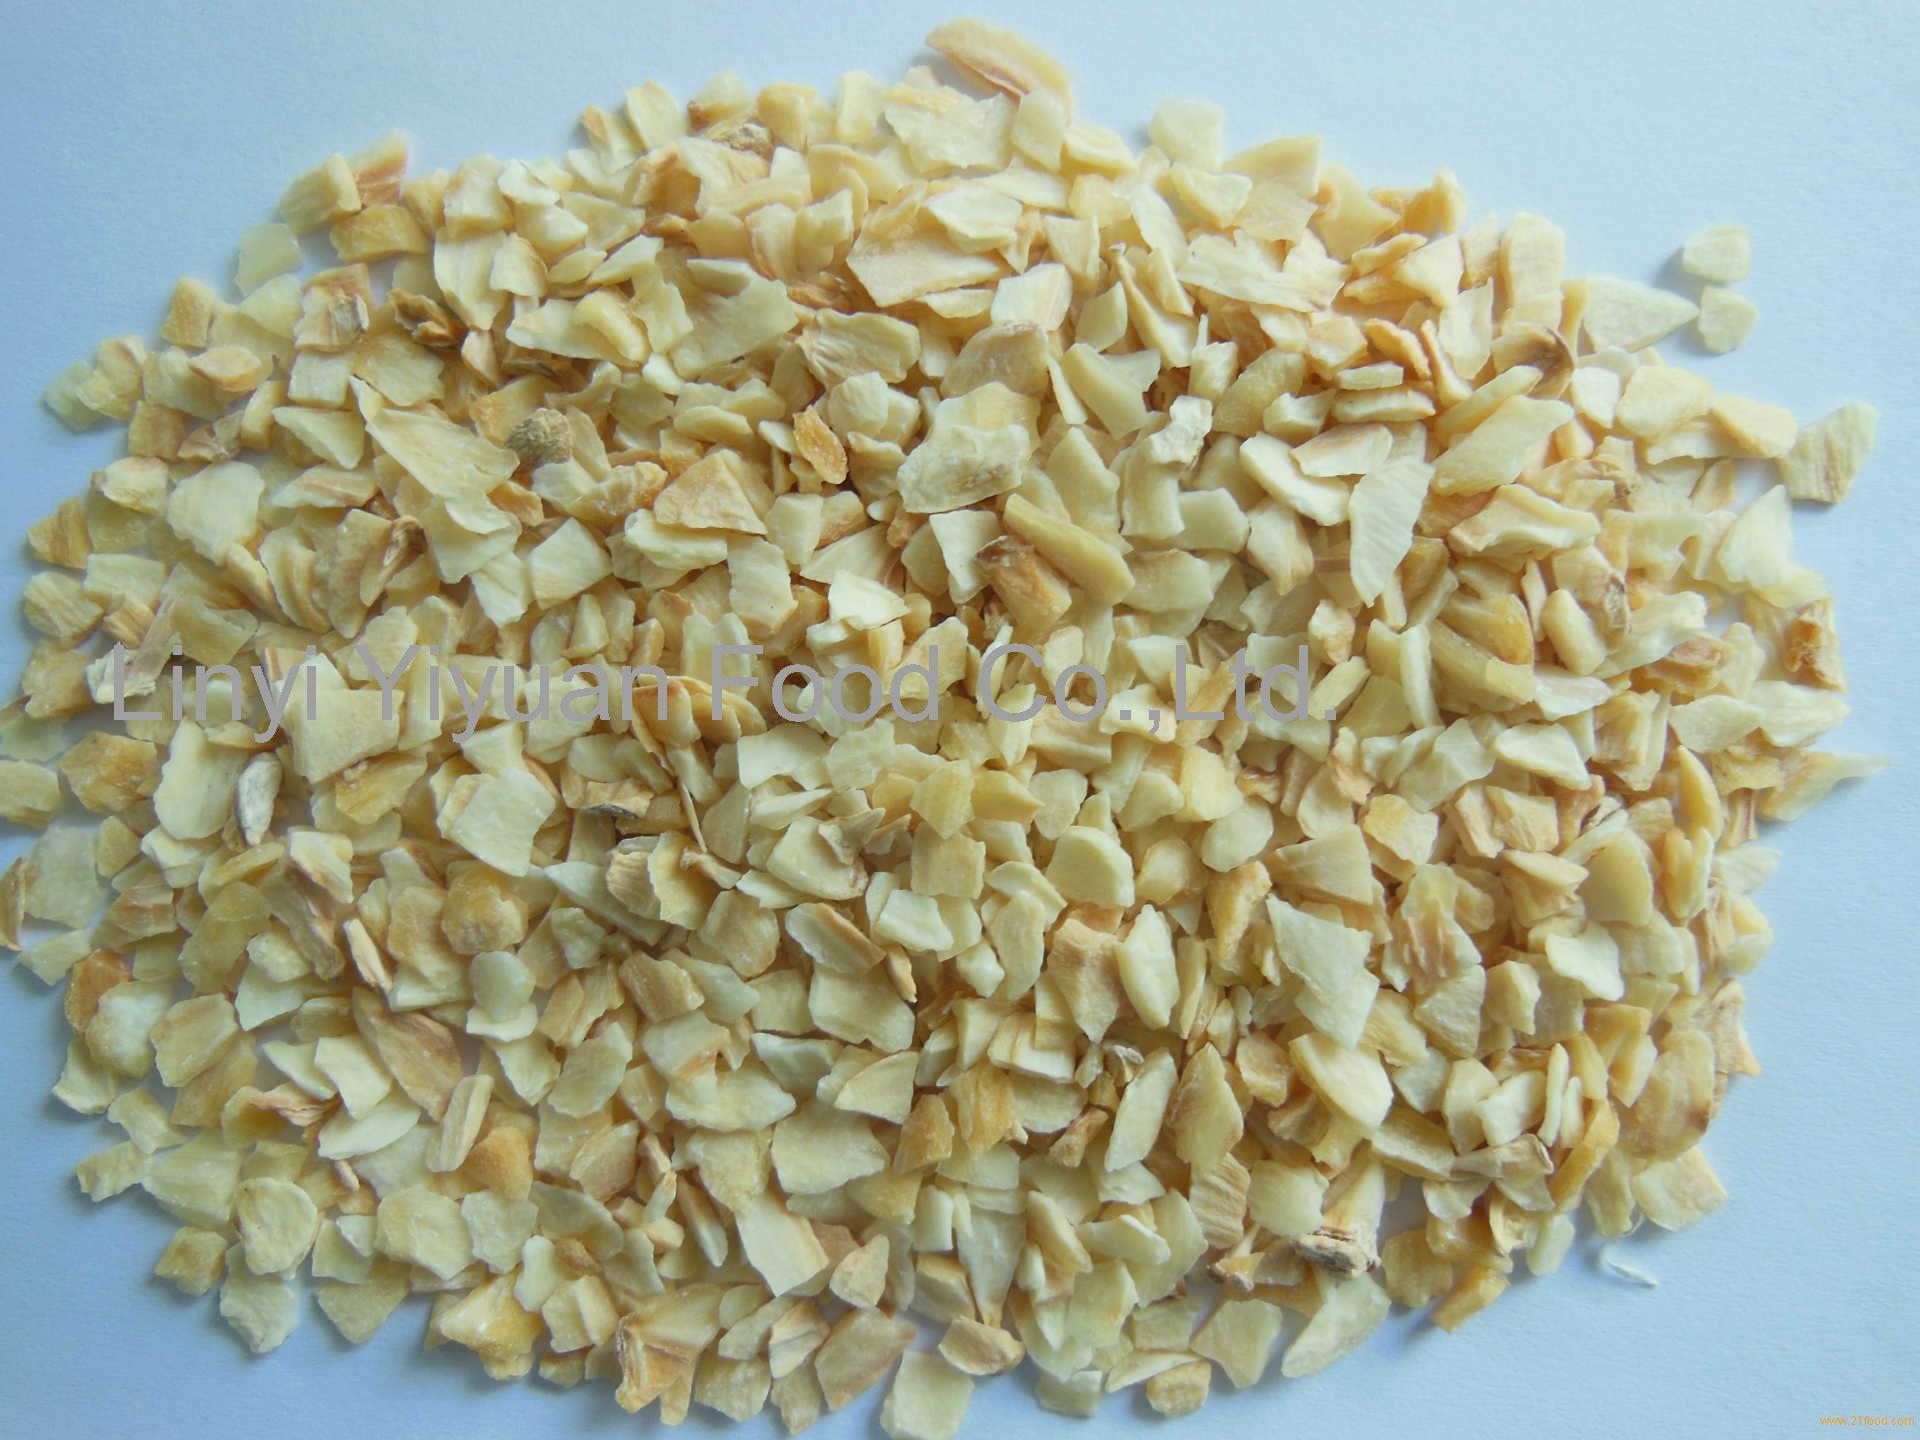 Chopped garlic/ Minced Garlics